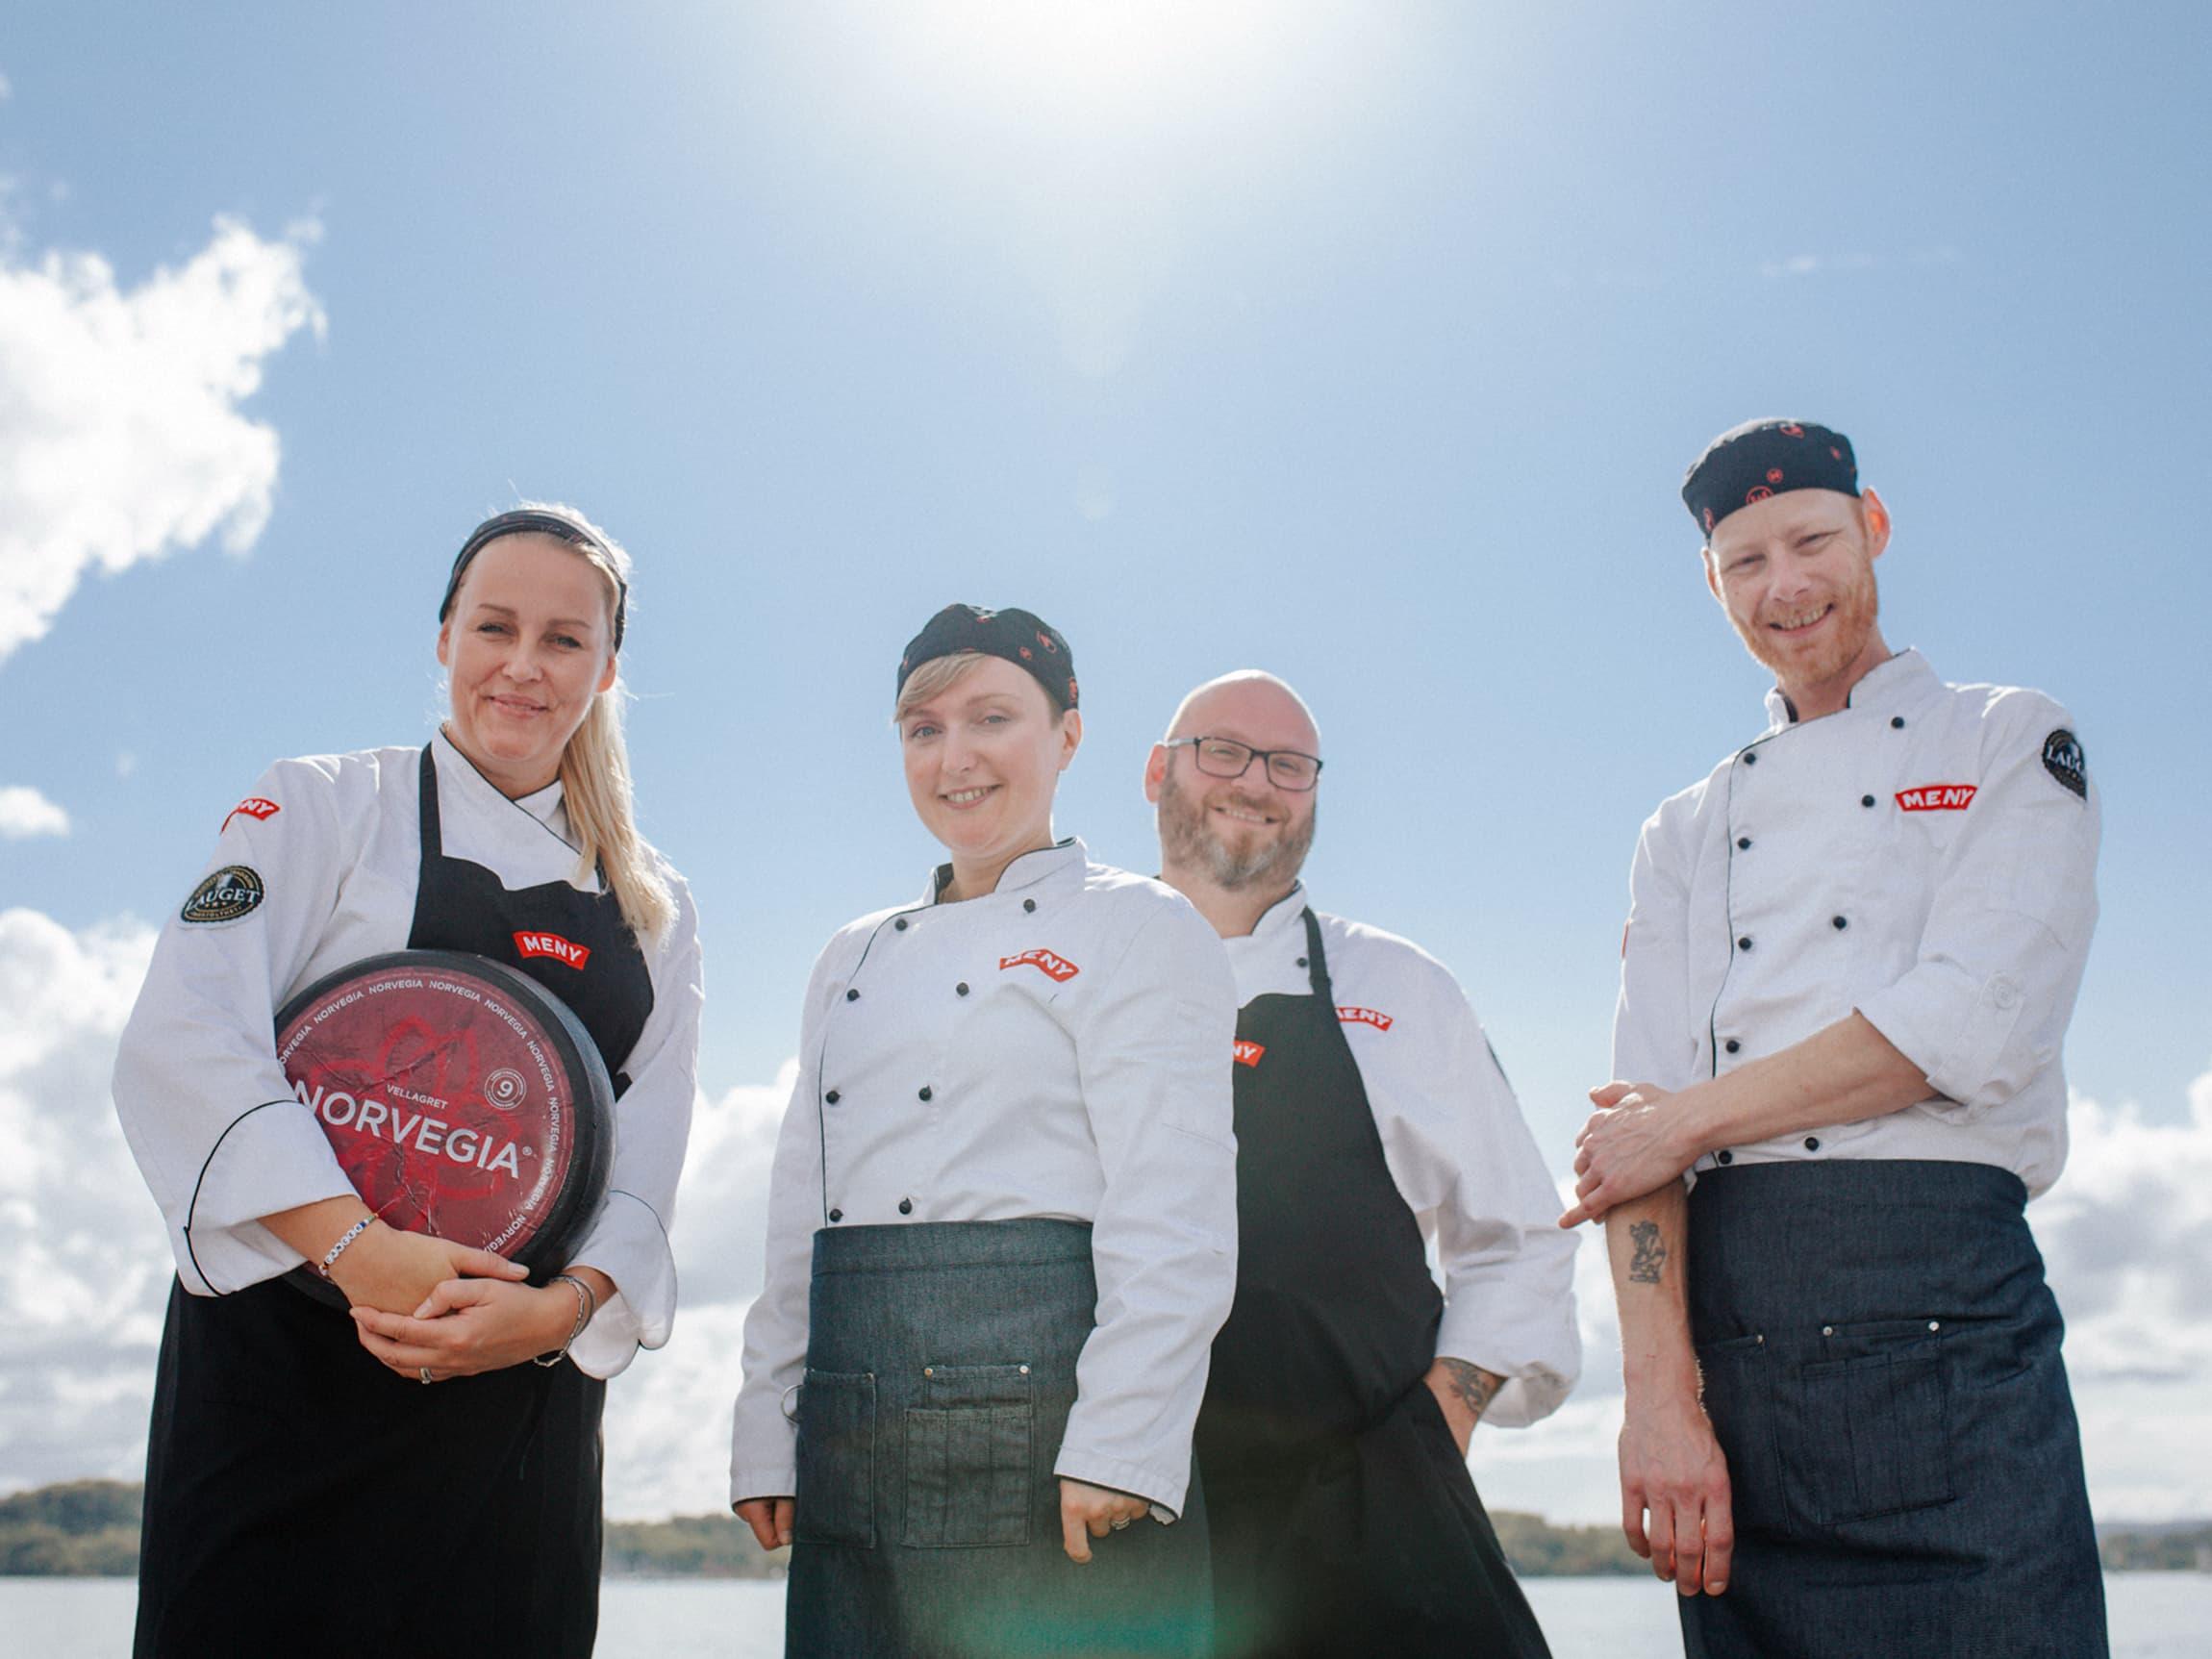 Fra venstre: Siri Hansen-Barry, Viktoria Grimen, Espen Schøning Lie, Jan Arne Moen